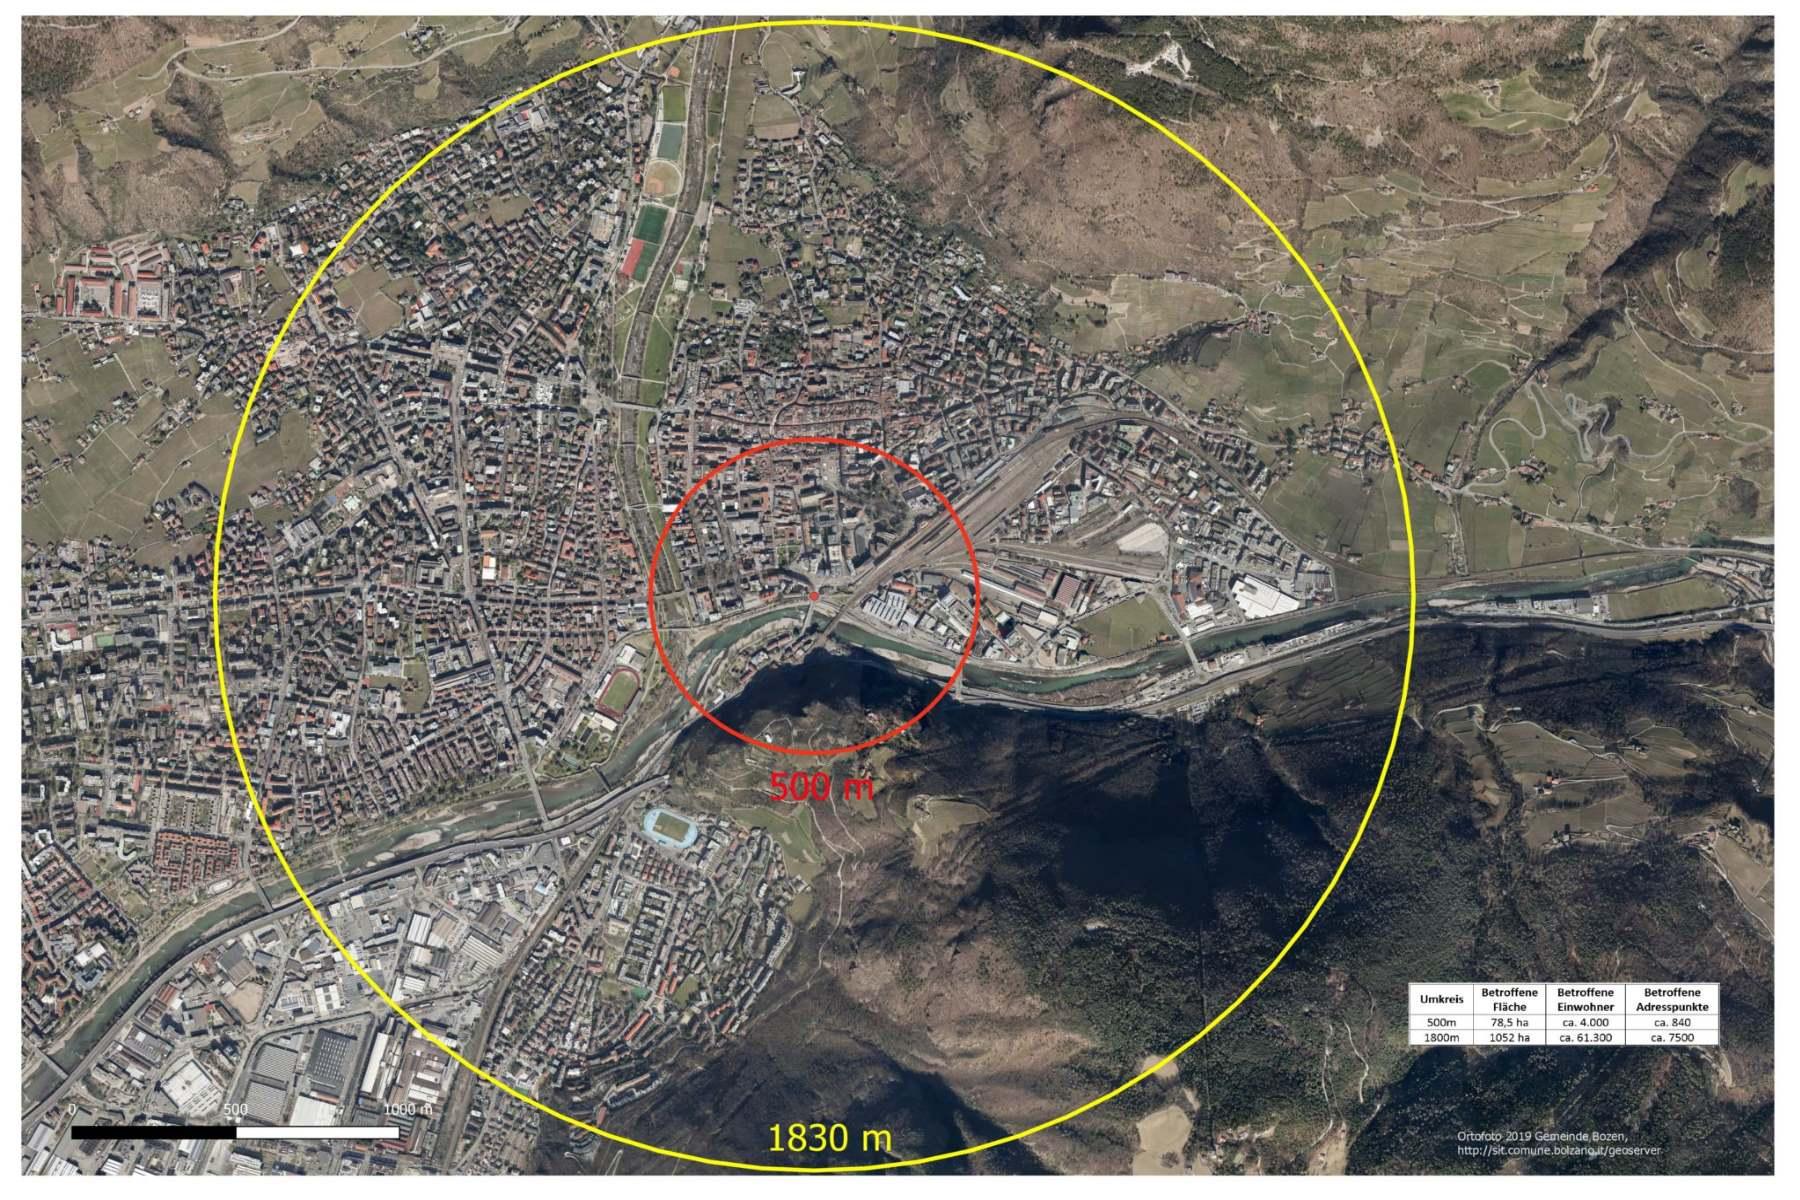 Aktuelle Fragestunde | Bombenentschärftungen im Zuge von Bauarbeiten in Bozen